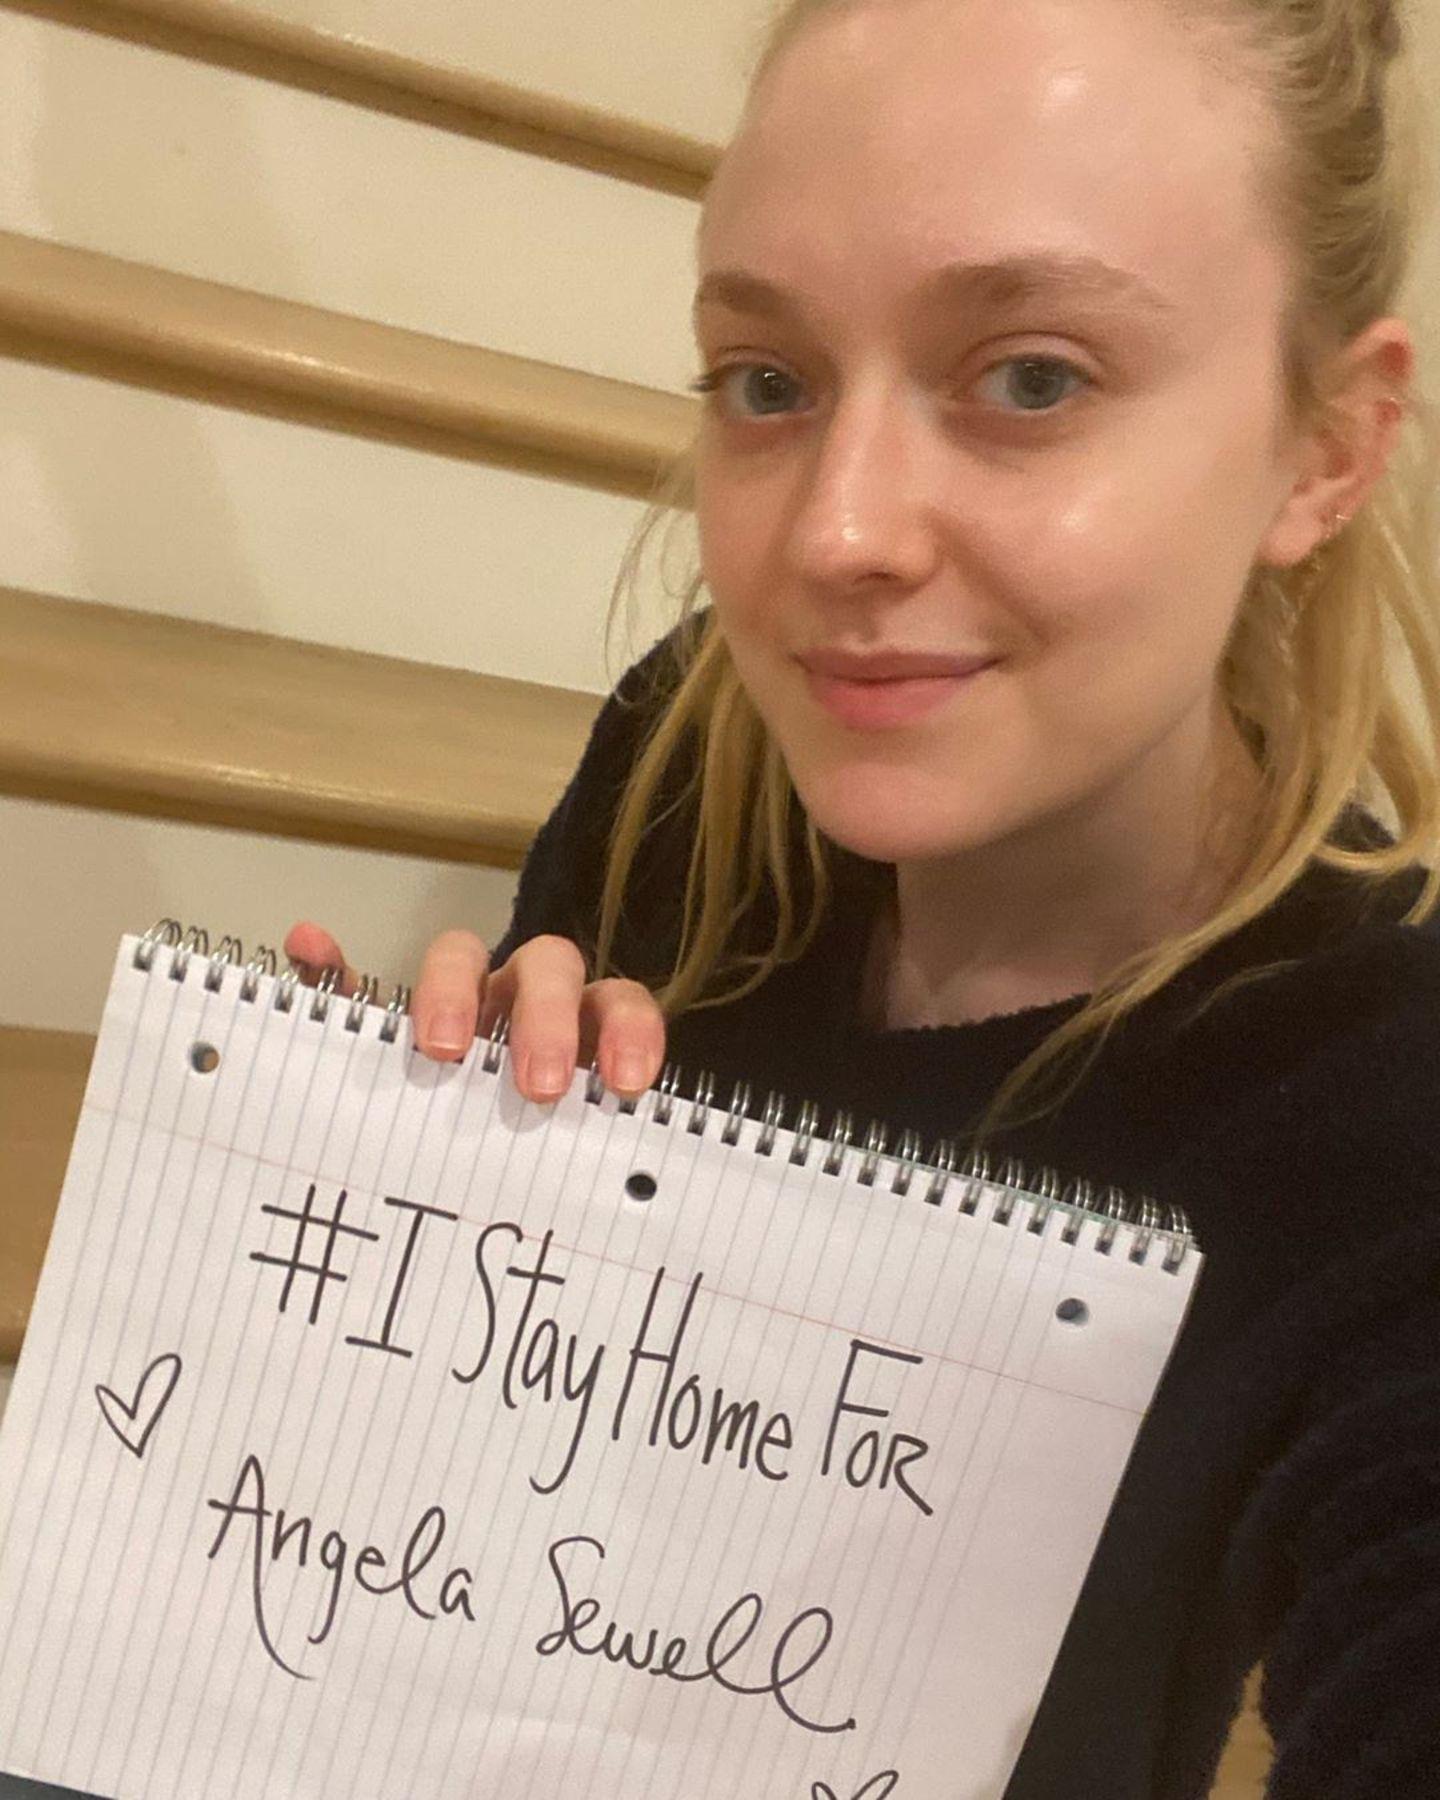 SchauspielerinDakota Fanning bleibt zu Hause. Damit will sie ein Zeichen setzen und die beste Freundin ihrer Mutter Heather schützen. Angela Sewell musste sich einer Nierentransplantation unterziehen und gehört damit zur Risikogruppe des Coronavirus.